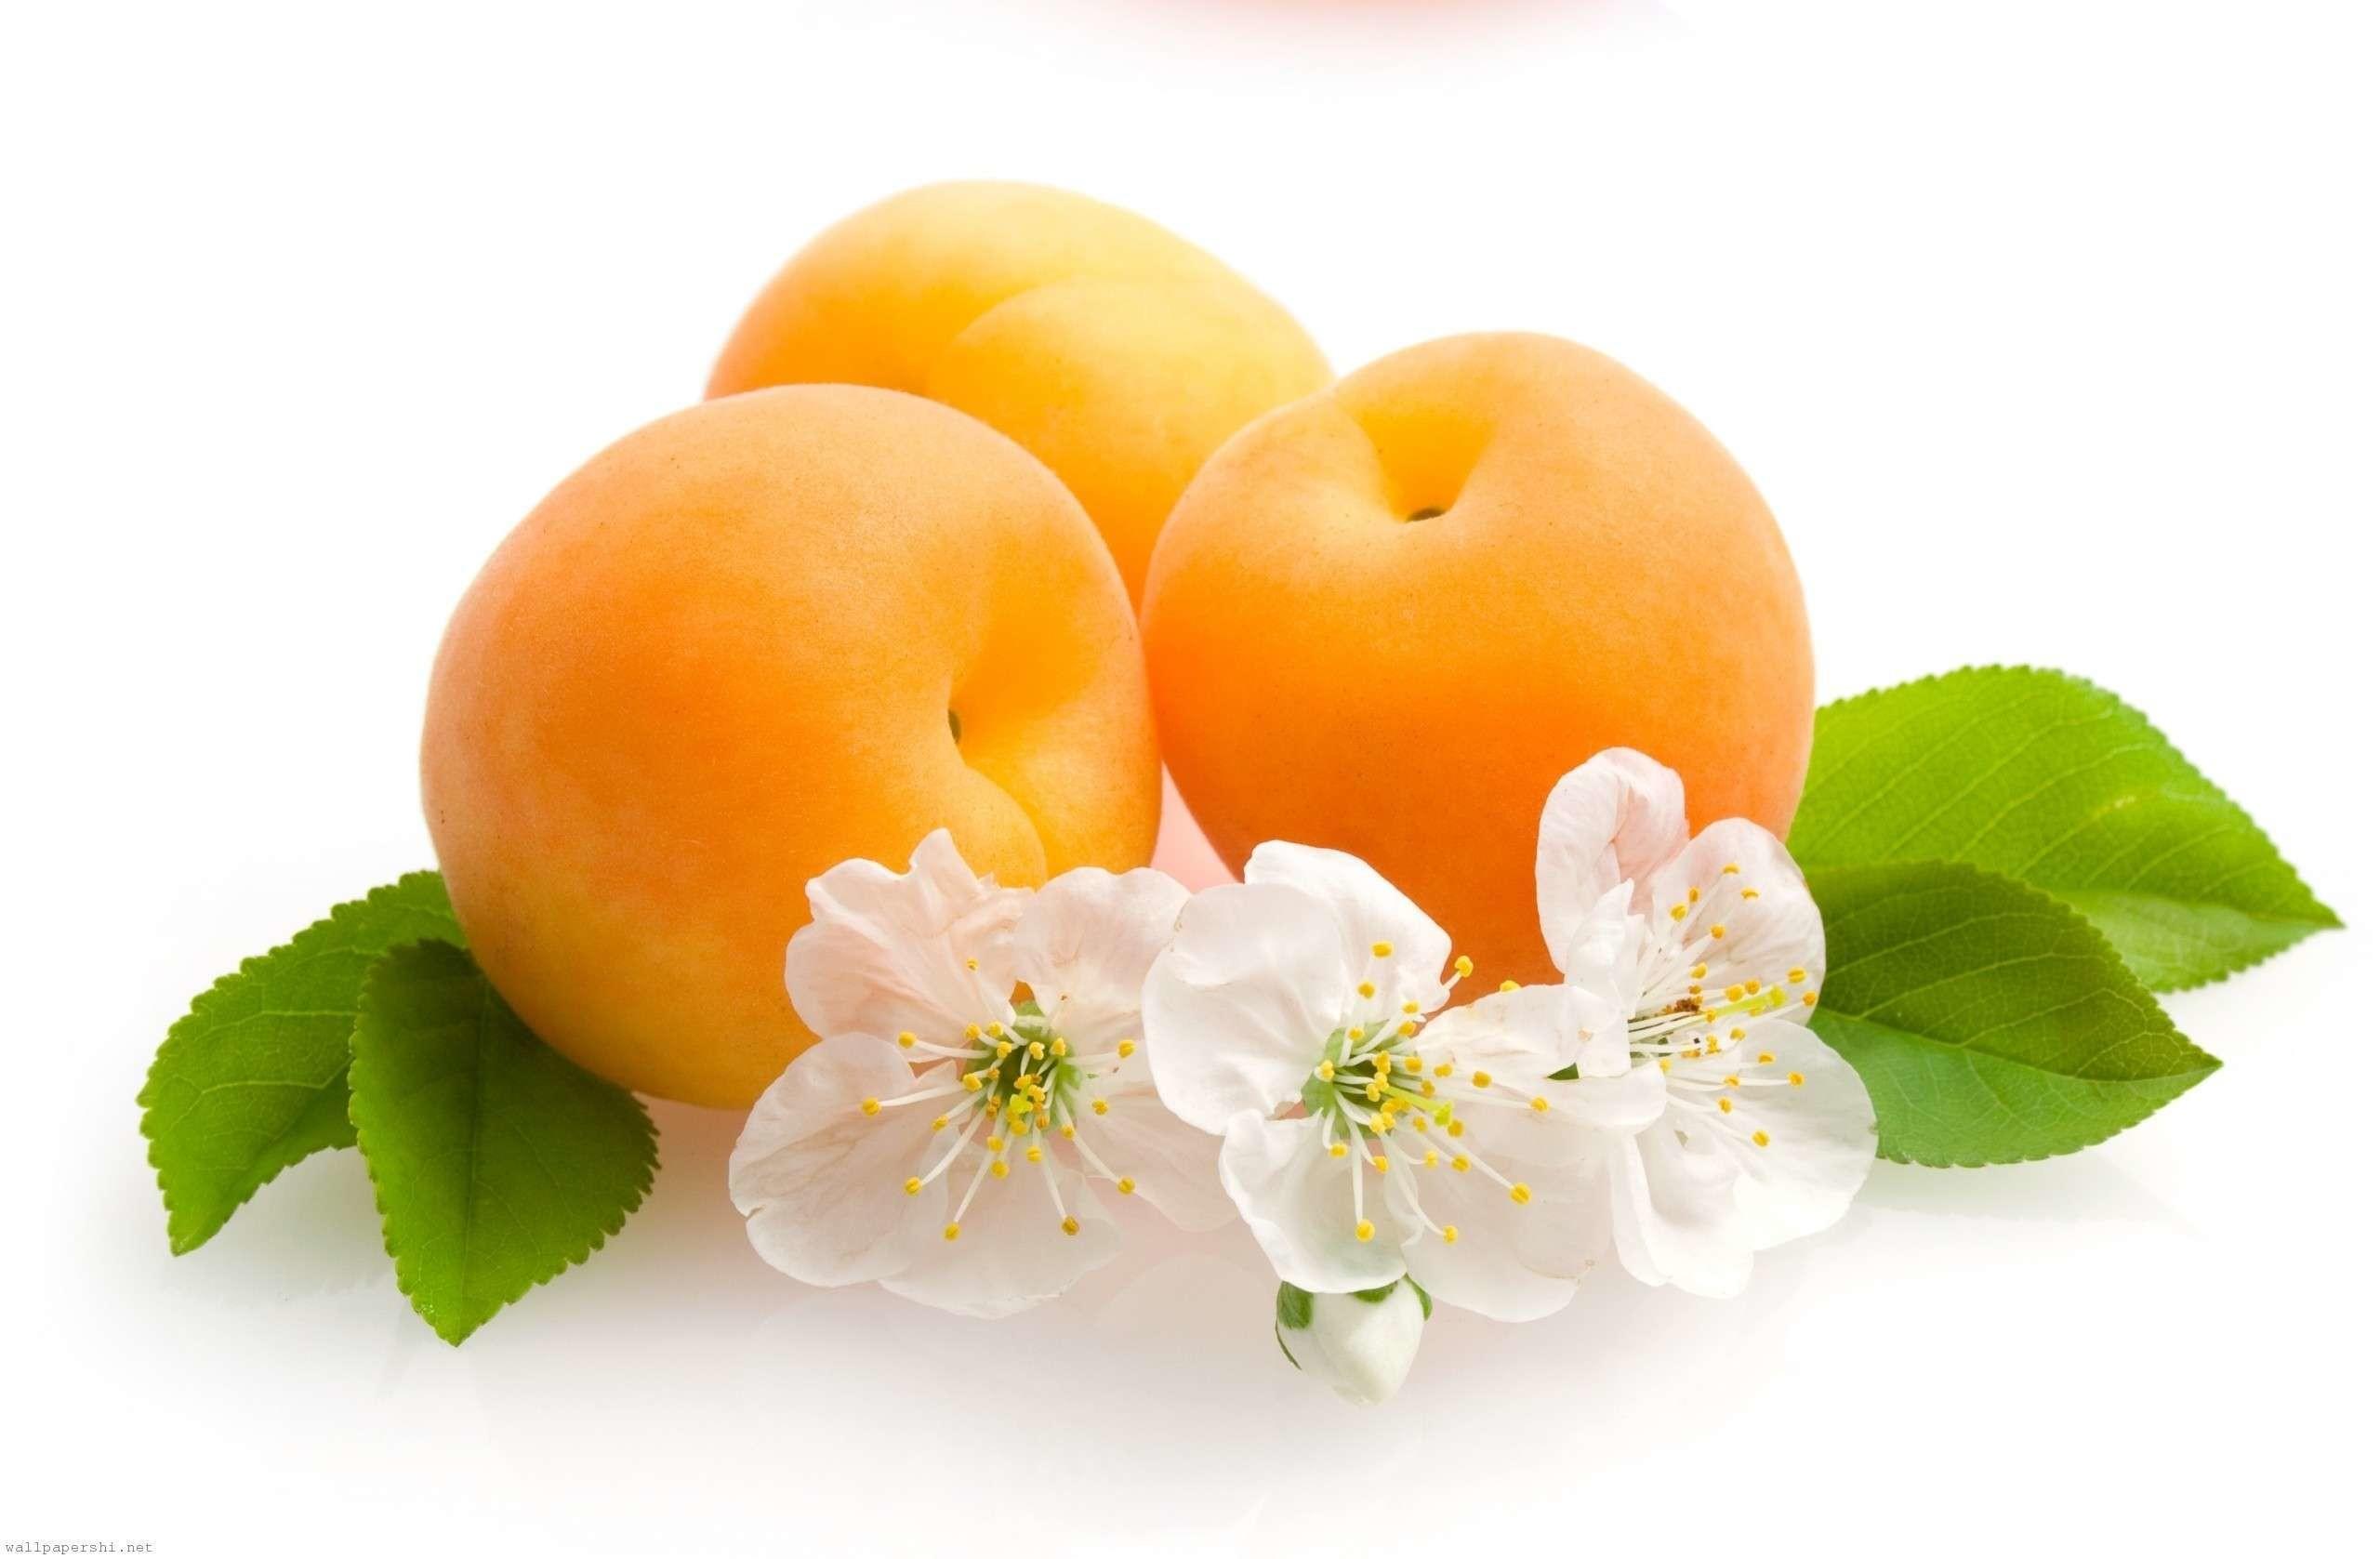 Res: 2560x1677, Apricot Fruit Wallpaper HD Desktop Images